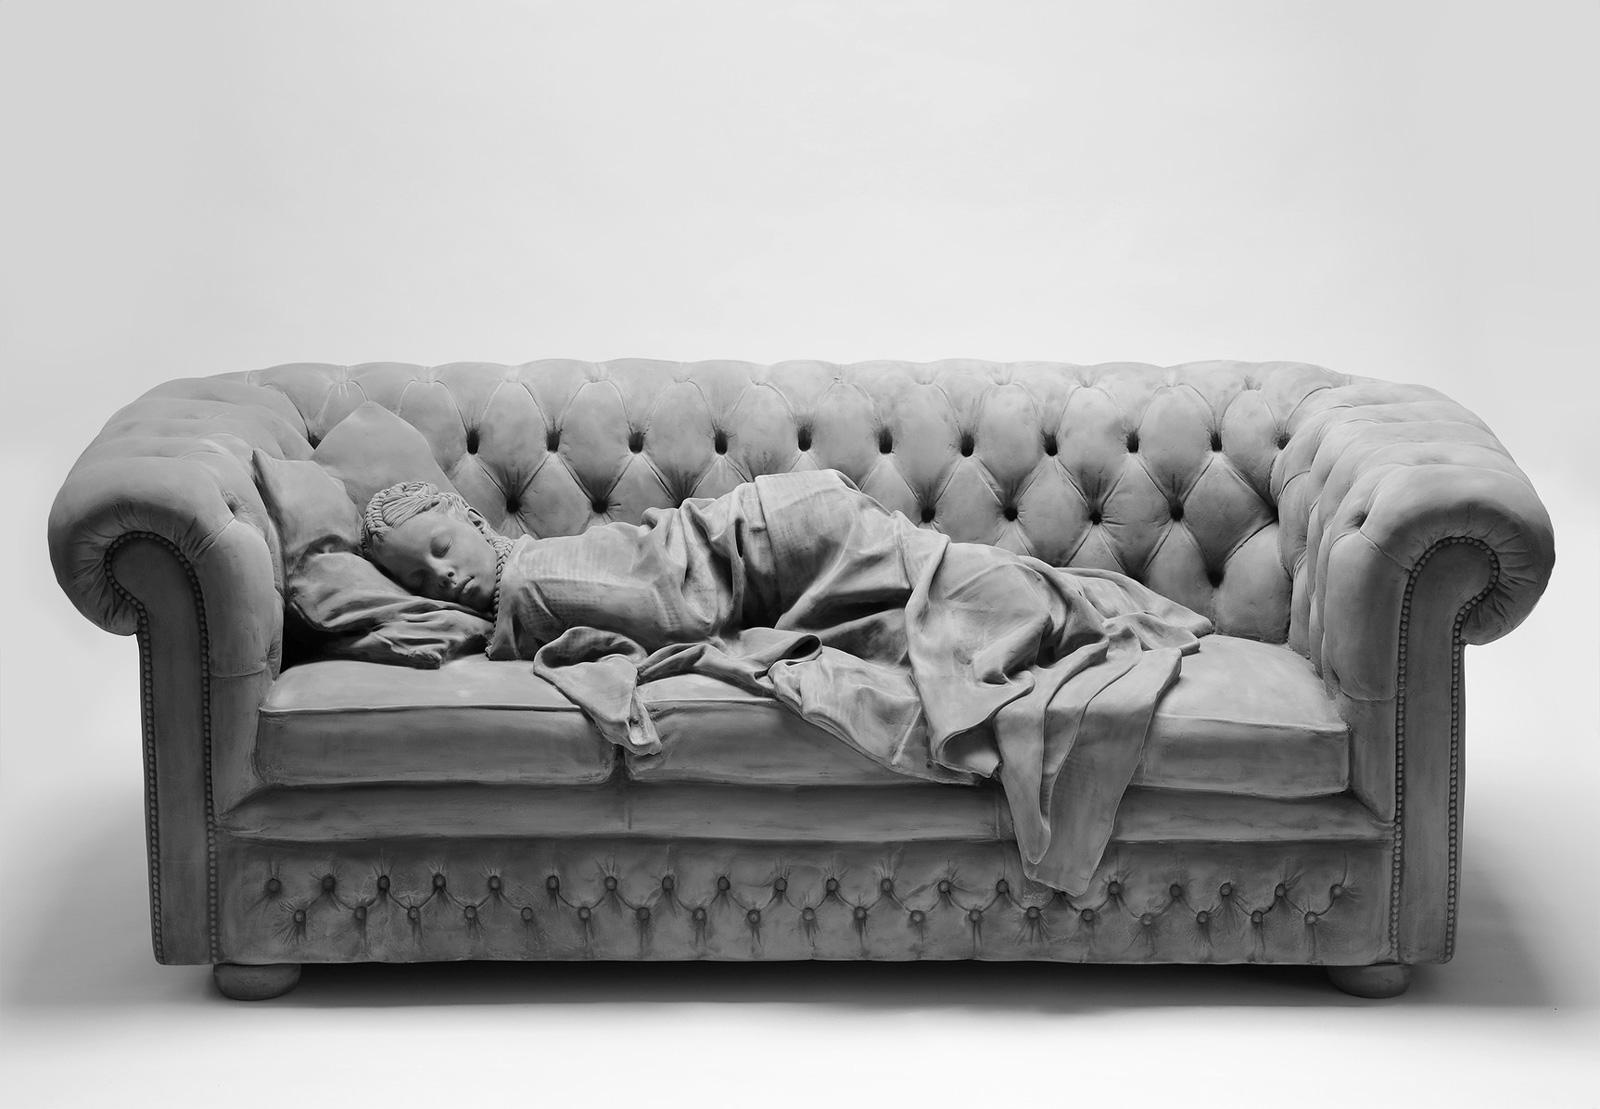 Hans Op de Beeck, Sleeping Girl, sculpture, 2017. Mixed Media